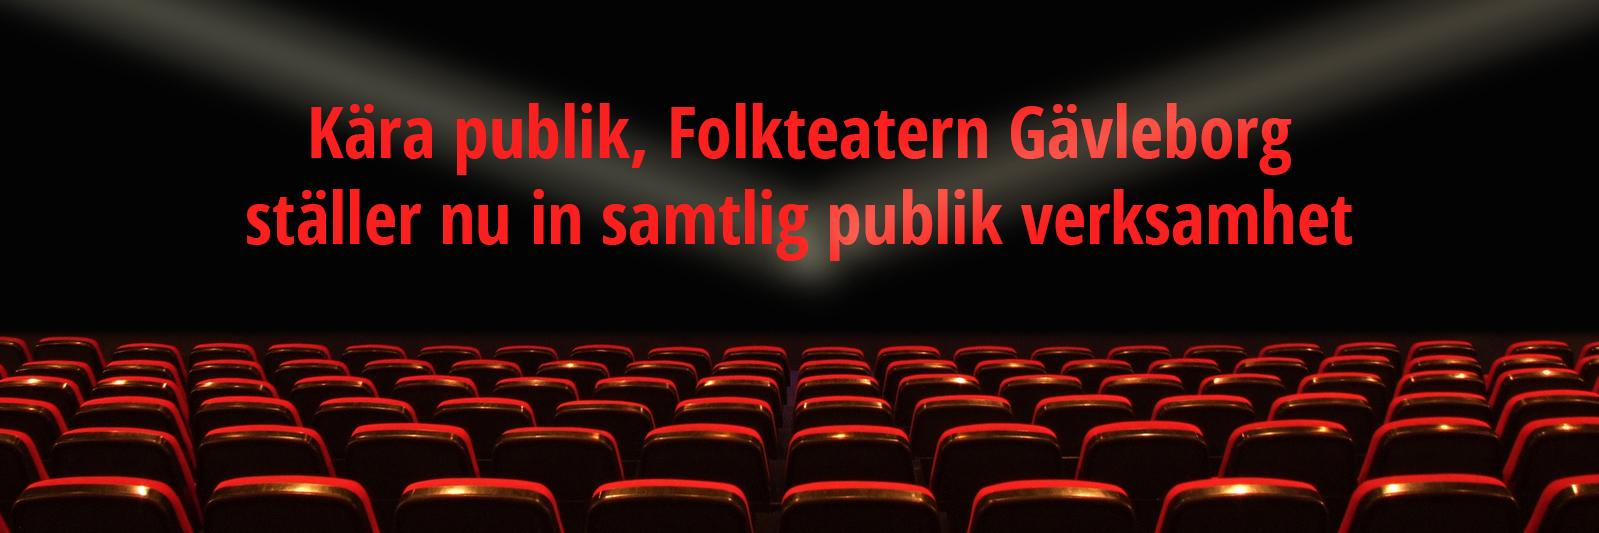 Folkteatern Gävleborg